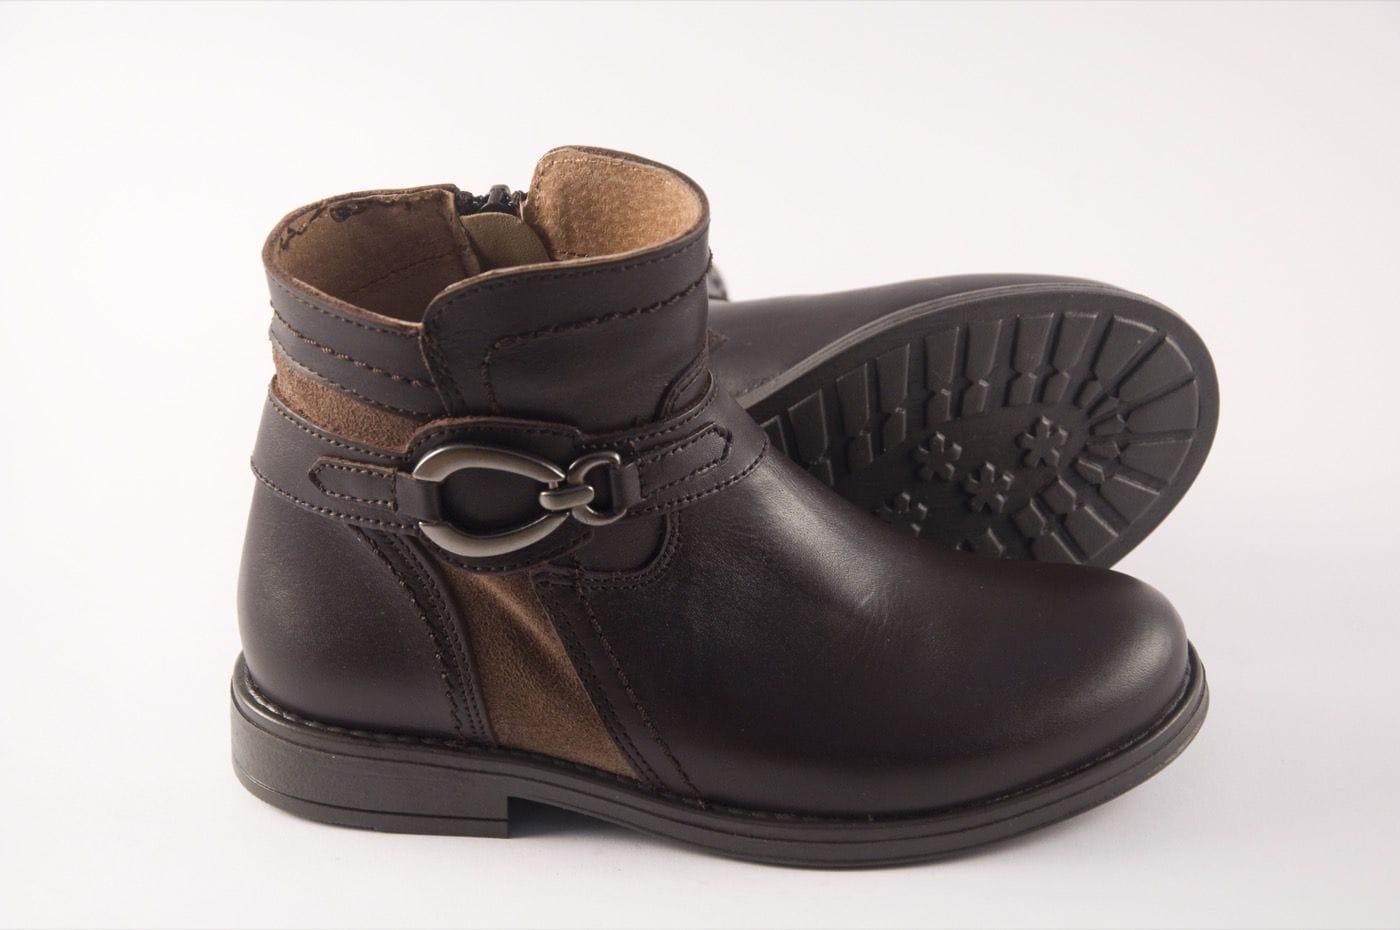 35804e3dba5 Comprar zapato tipo JOVEN NIÑA estilo BOTINES-BOTA ALTA COLOR MARRON ...